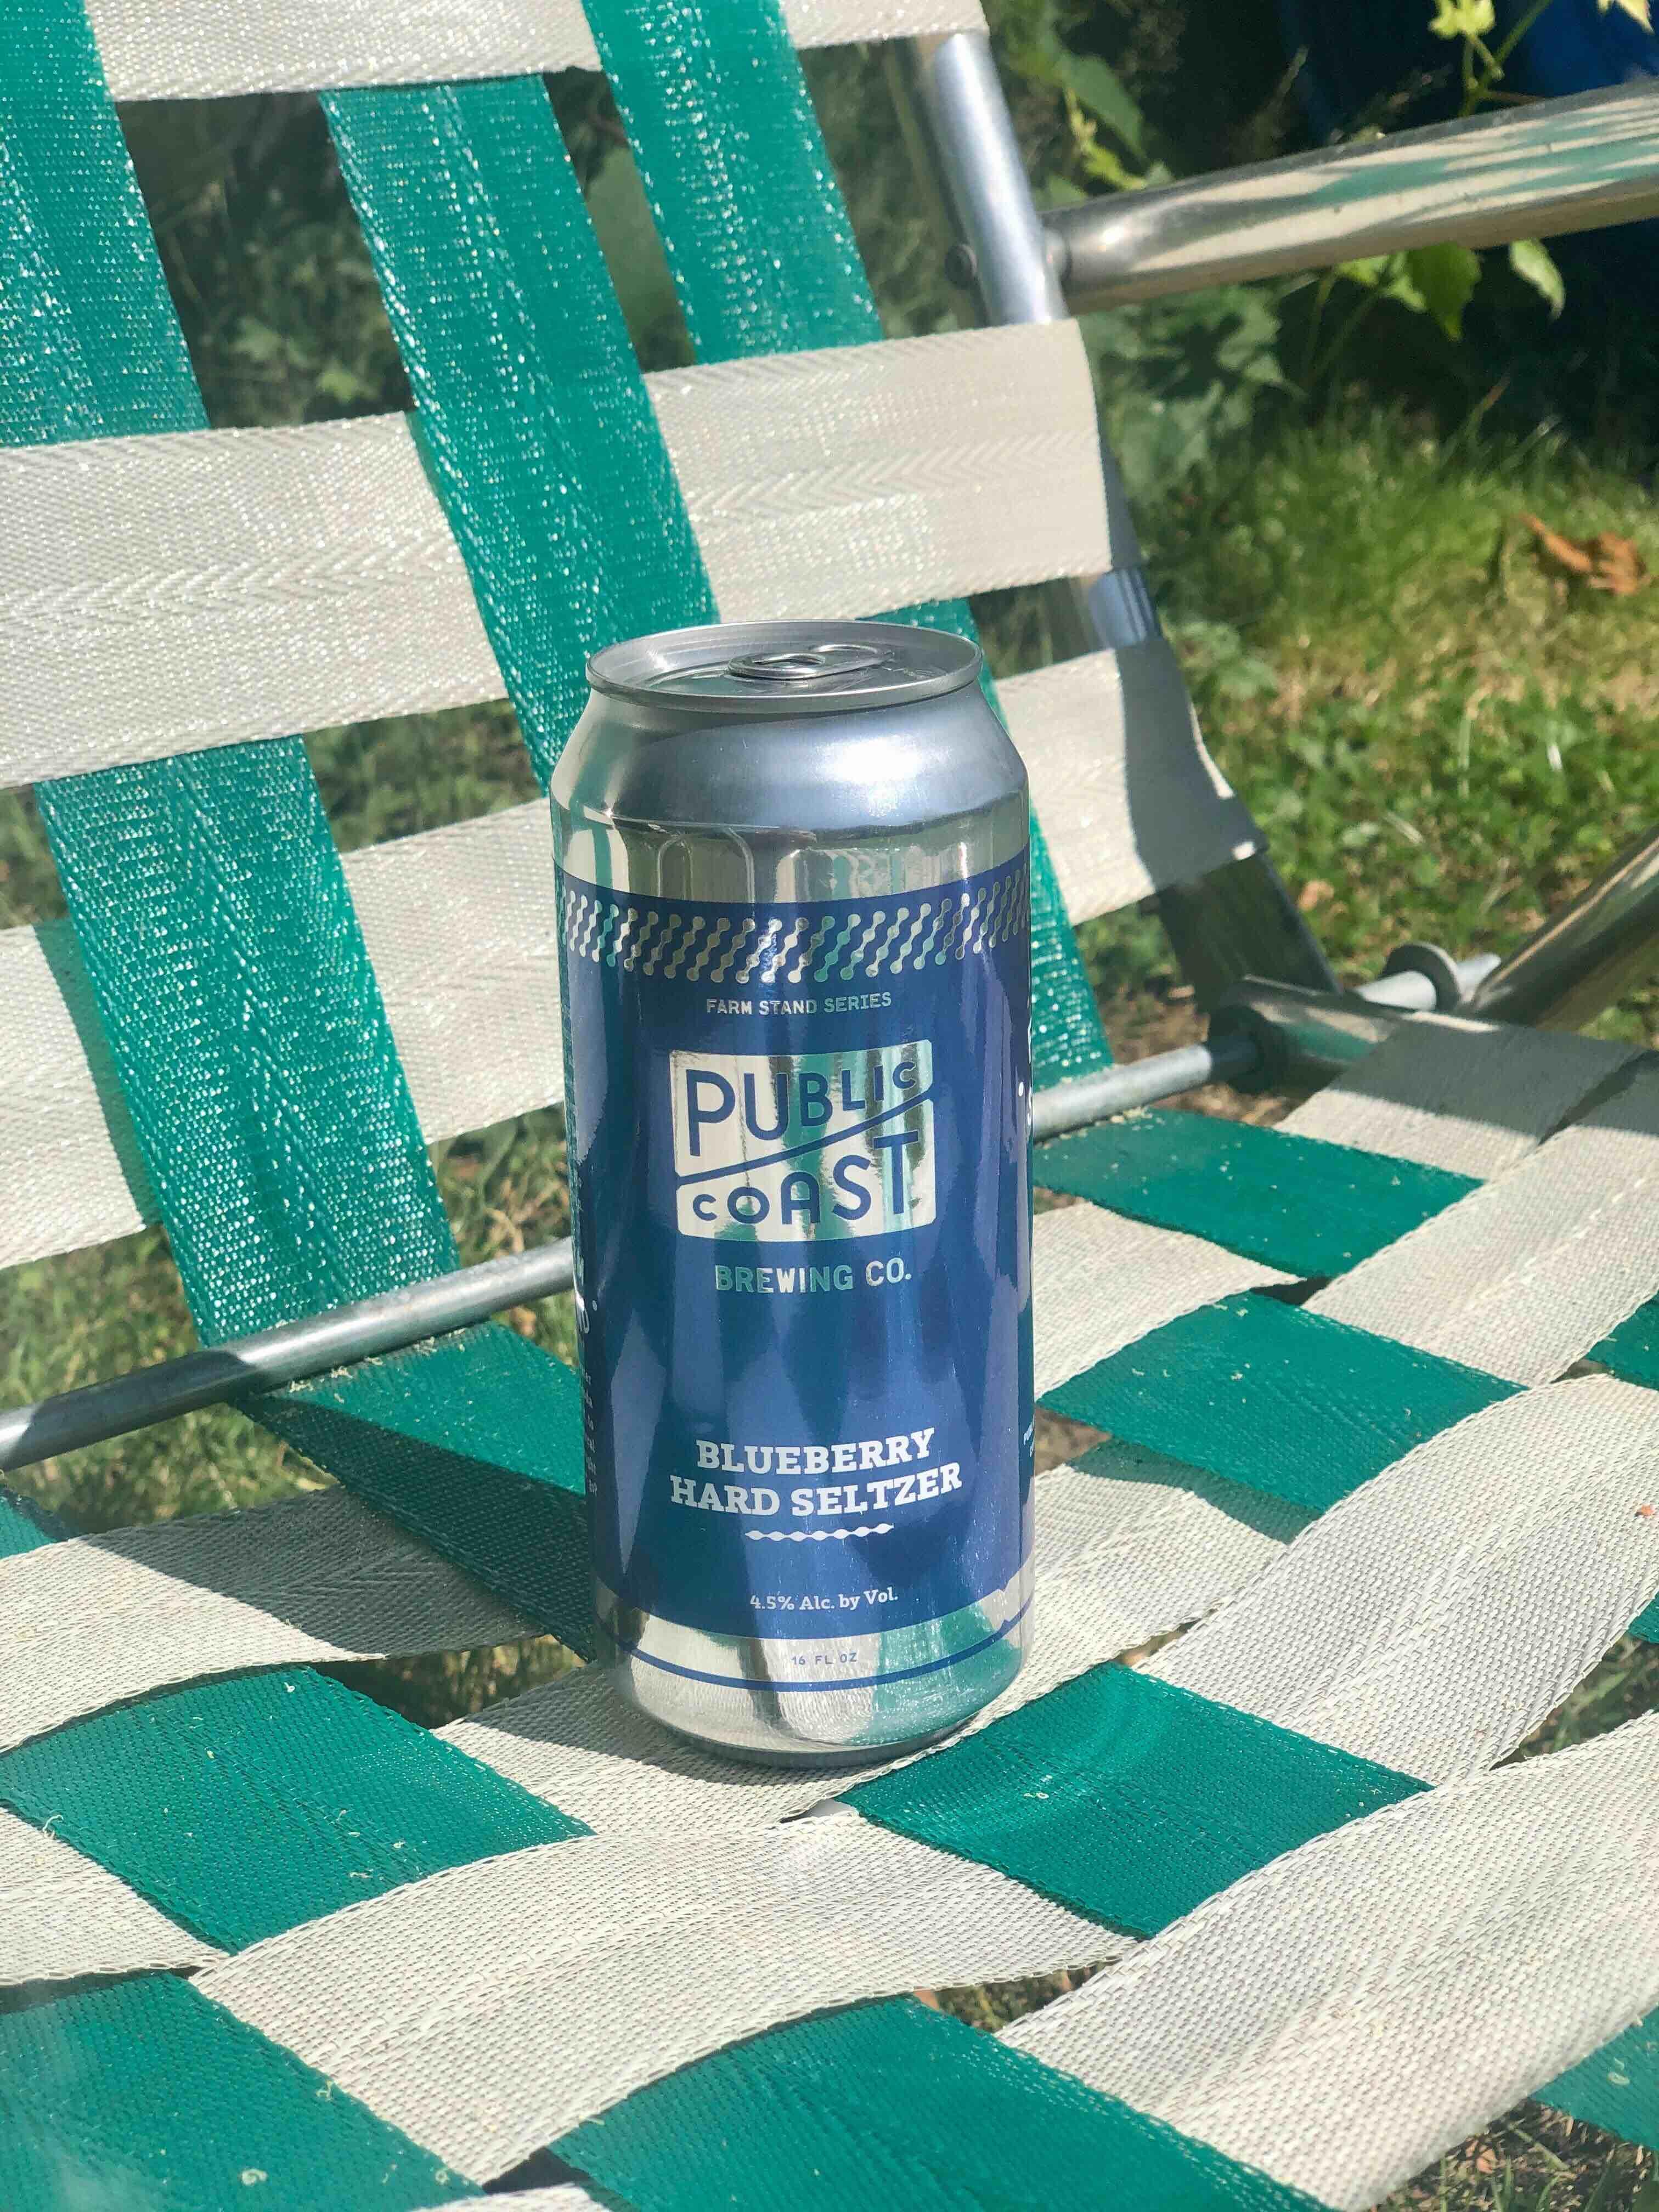 image of Blueberry Hard Seltzer courtesy of Public Coast Brewing